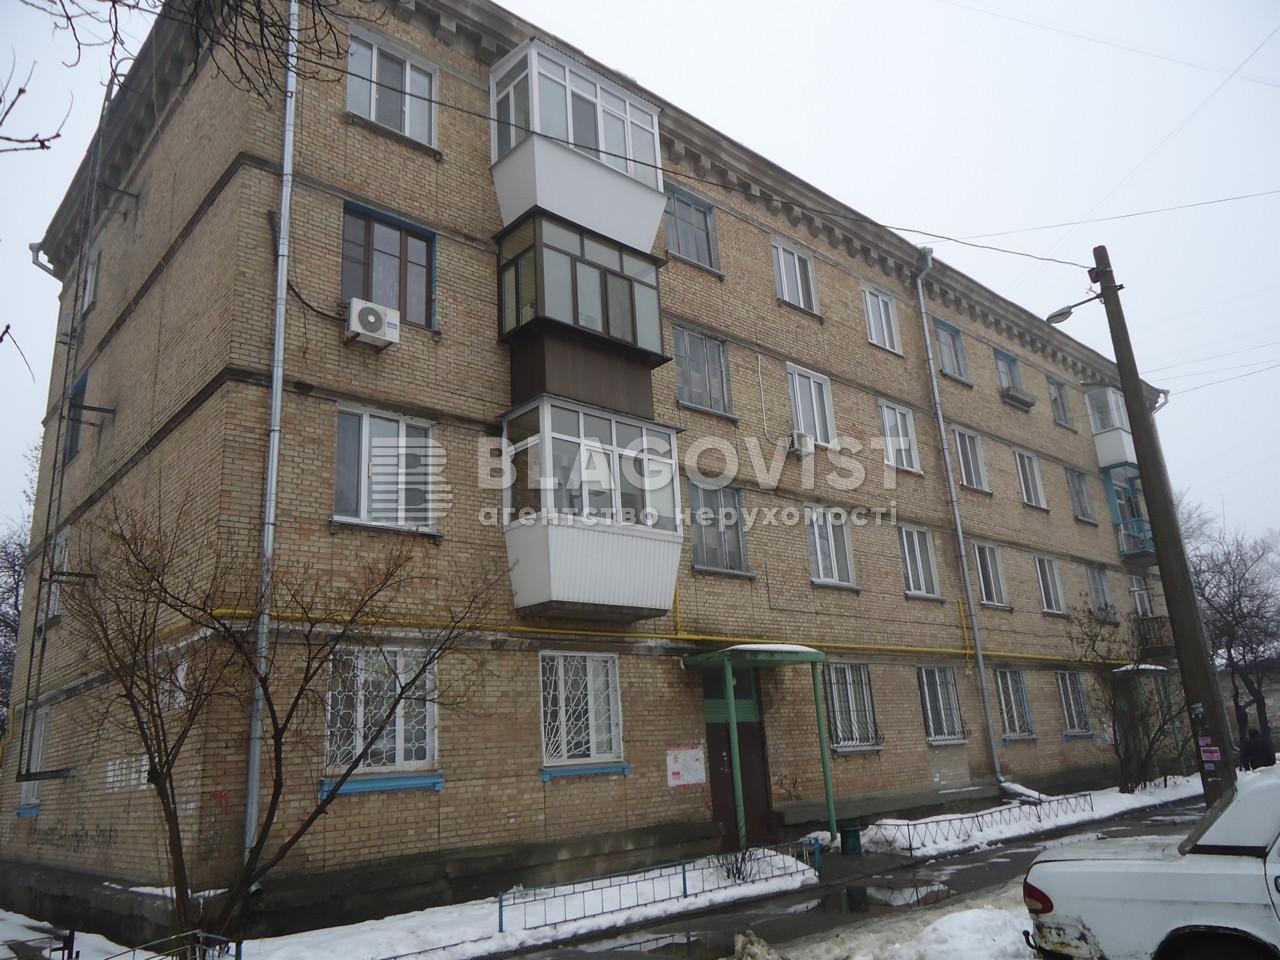 Квартира F-45225, Попова Александра, 3/5 корпус 7, Киев - Фото 2